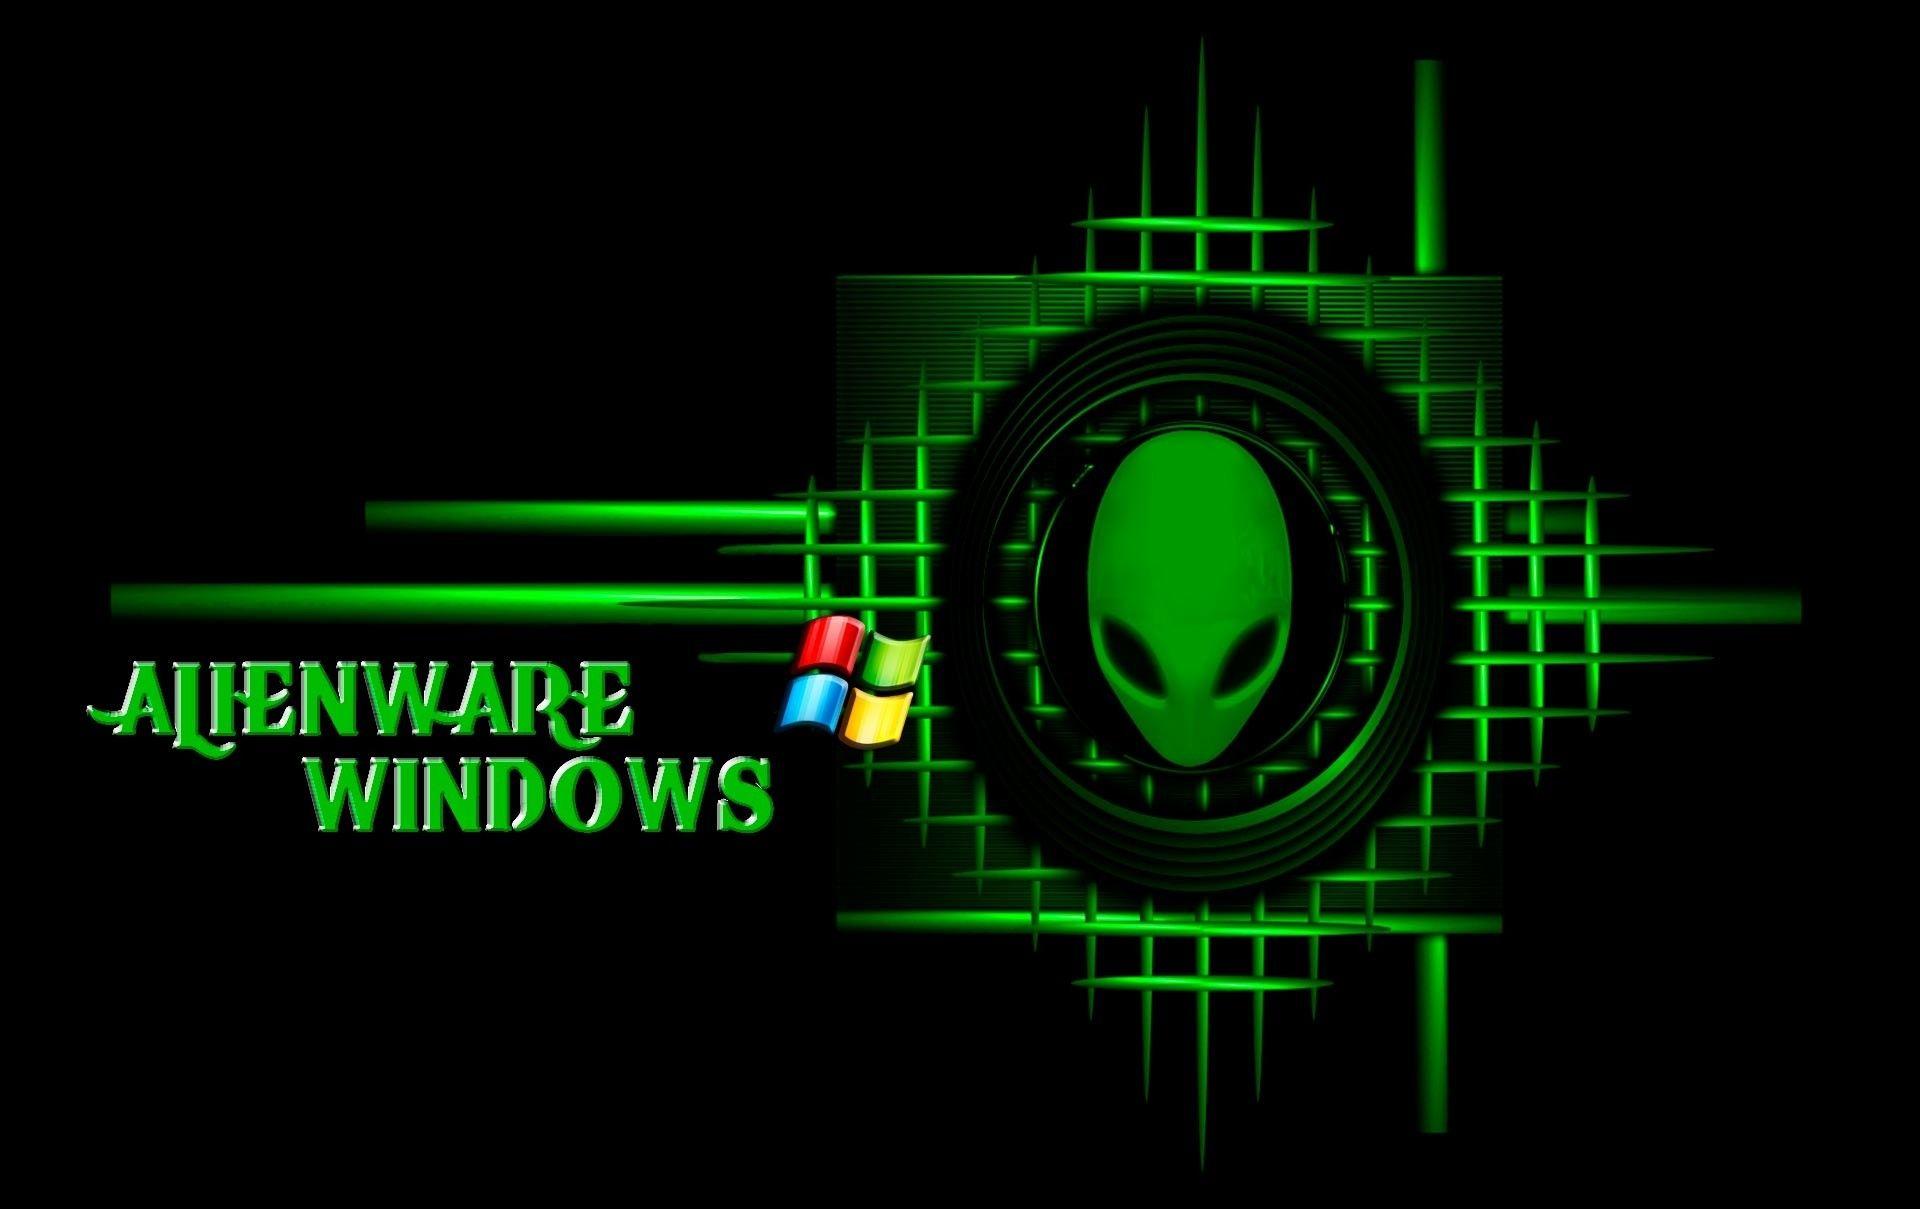 Res 1920x1209 Alienware 4k Wallpaper Alienware Windows Wallpaper Alienware Alienware Computer Gaming Wallpapers